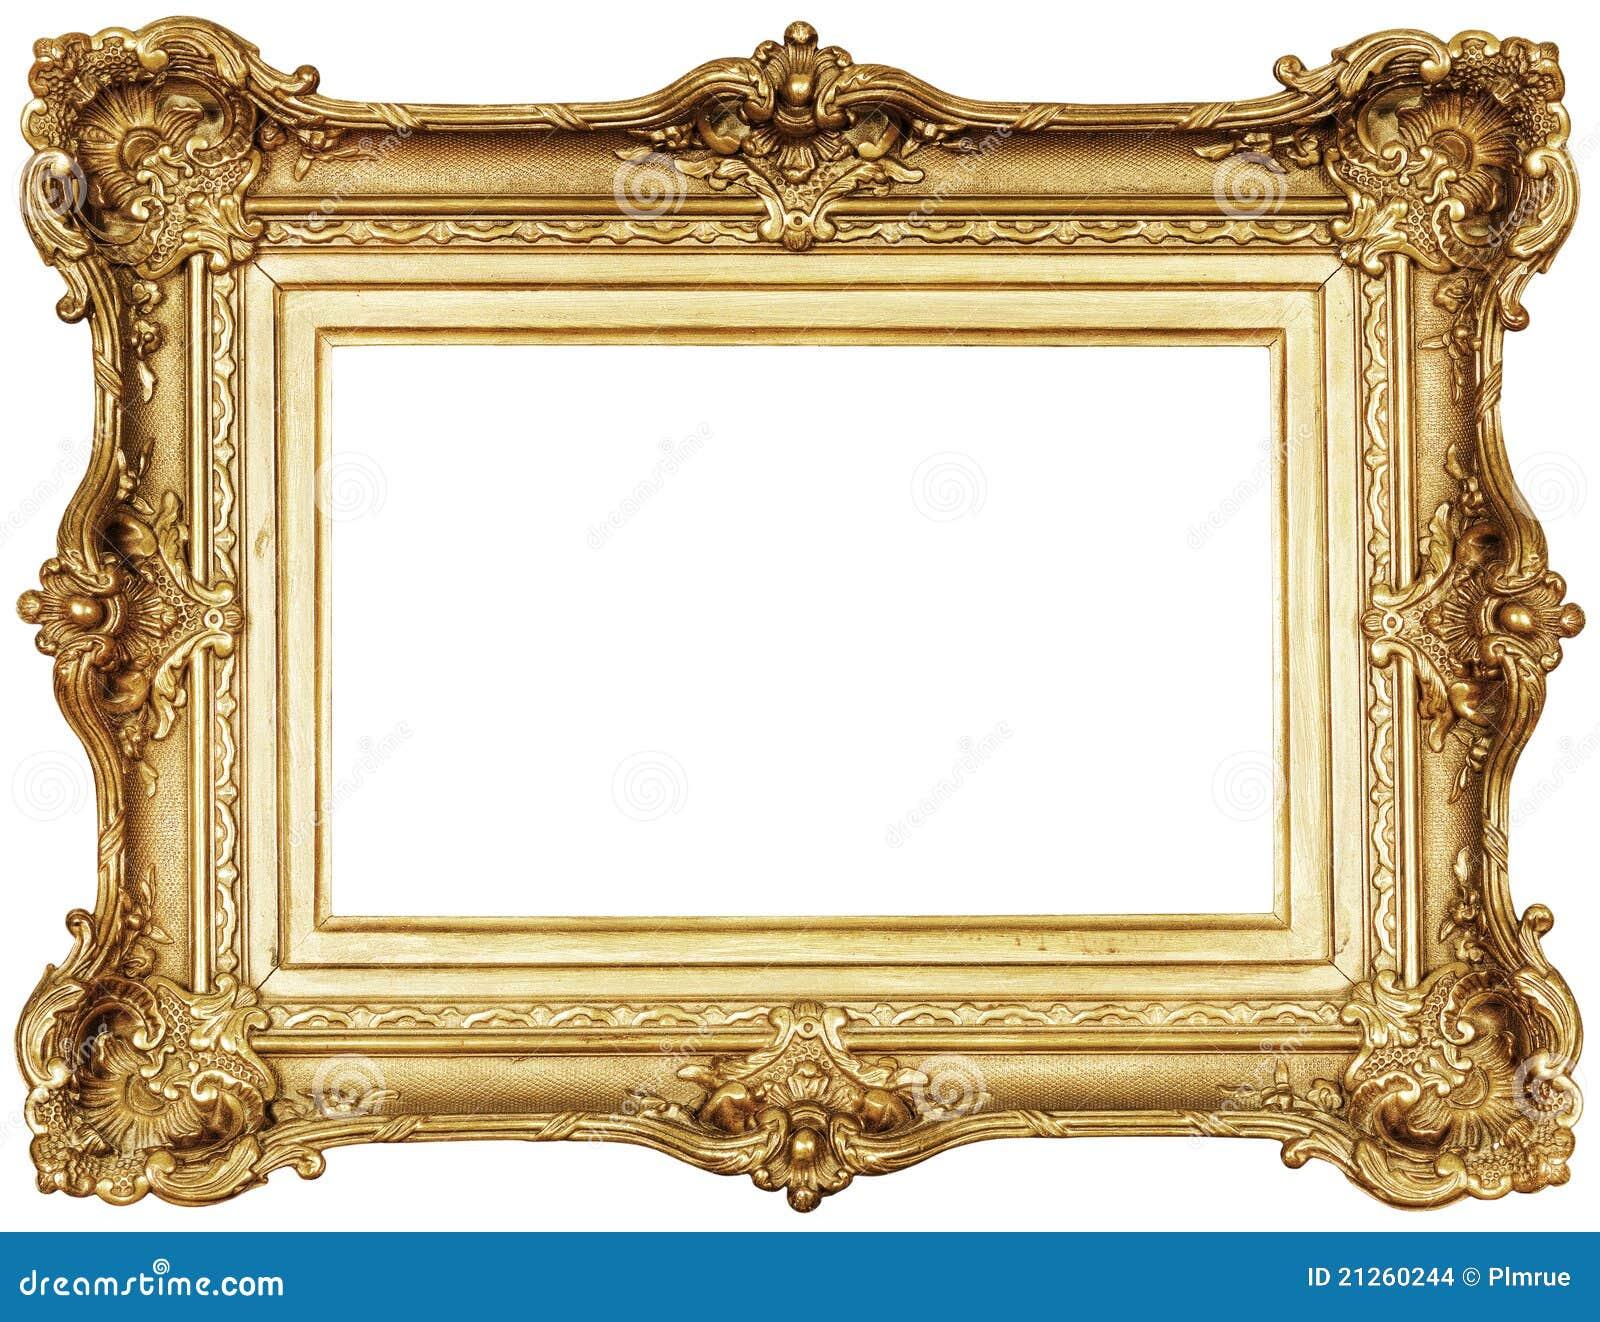 Photo Frame Isolated Stock Photo Image Of Image Frame